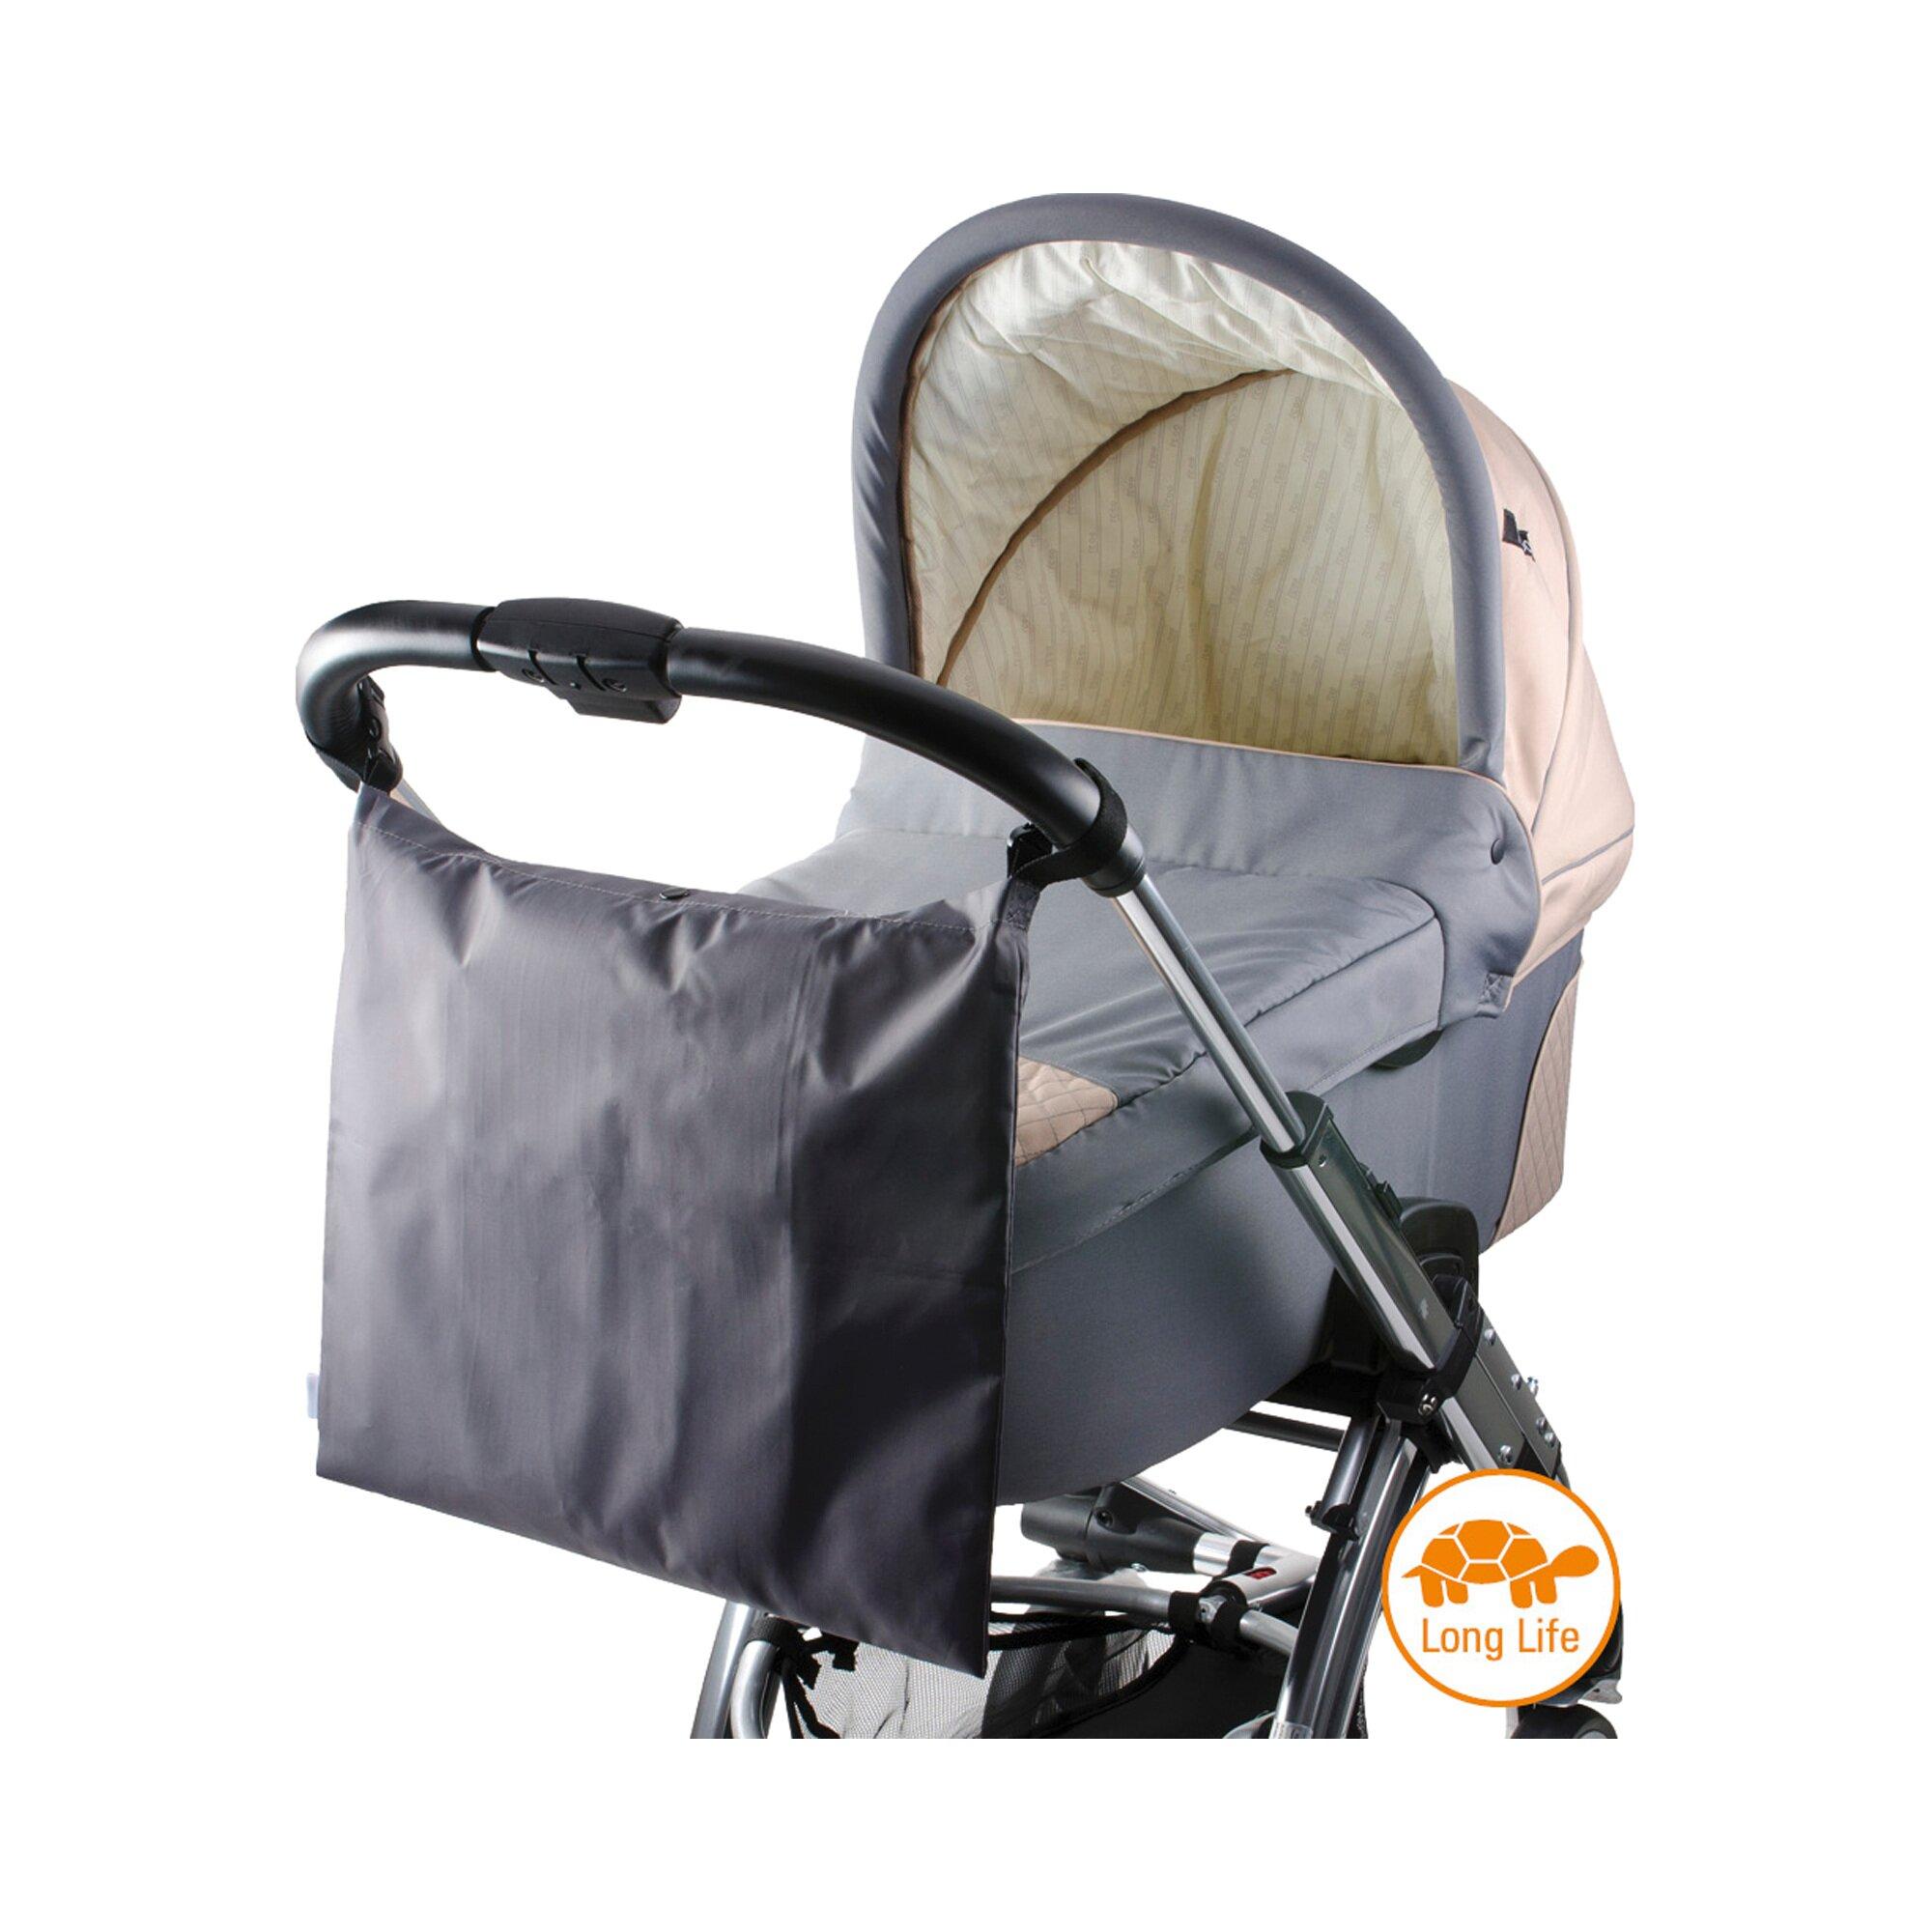 diago-einkaufstasche-fur-kinderwagen-schwarz